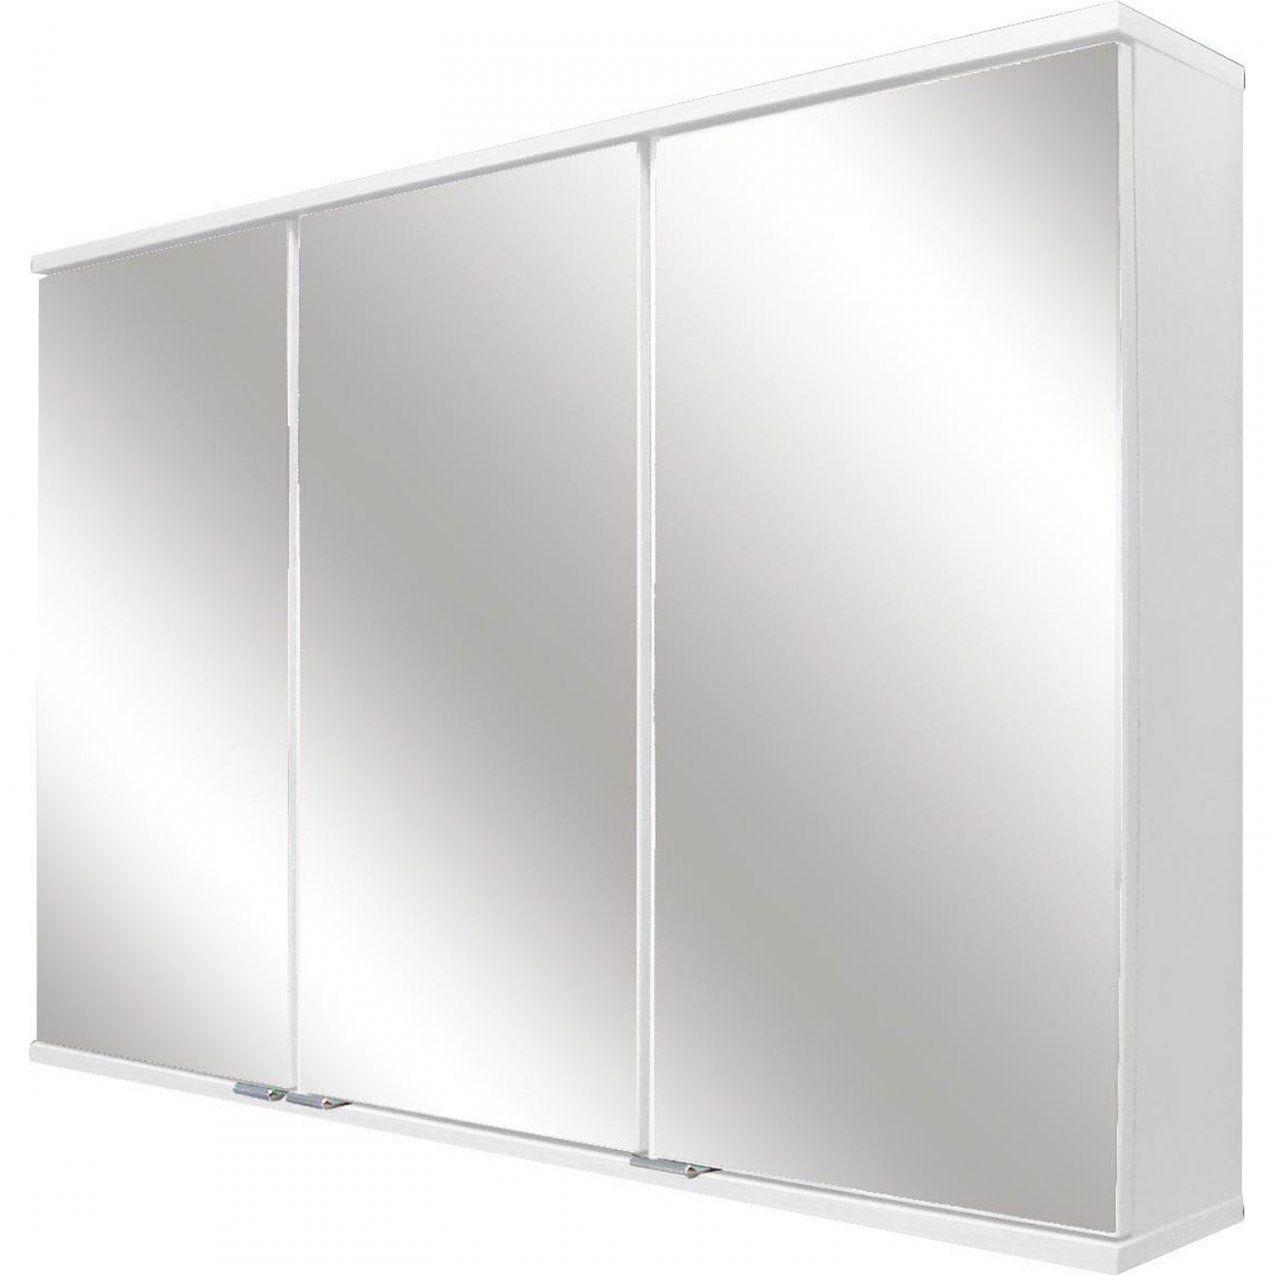 Fackelmann Spiegelschrank 1005 Cm Rl100 Weiß Eek A++ Kaufen Bei Obi von Bad Spiegelschrank 100 Cm Breit Photo